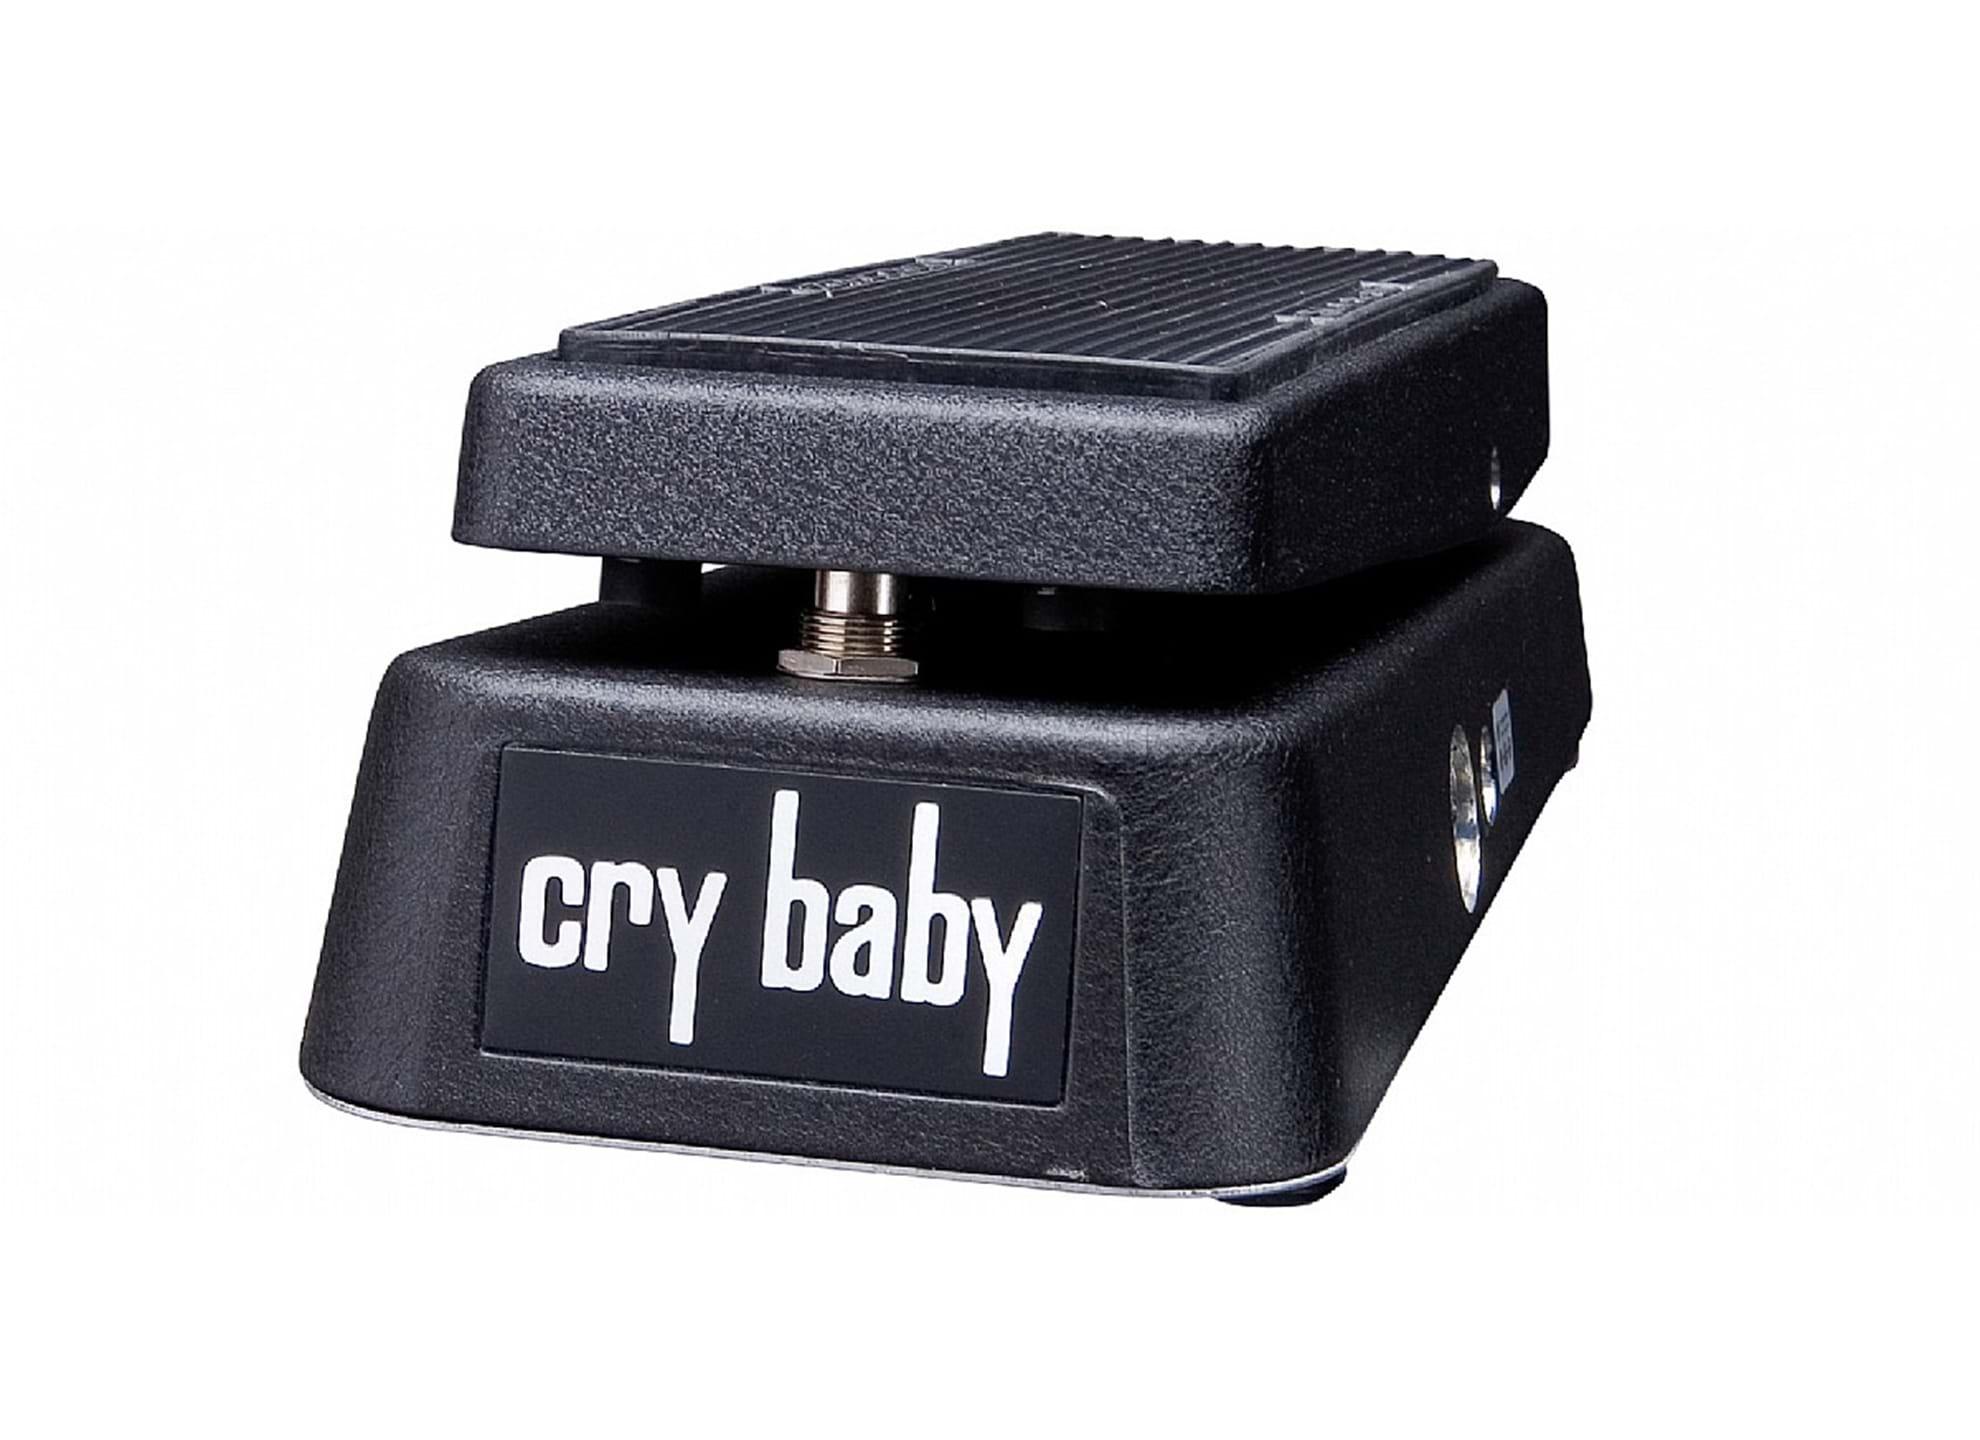 GCB-95 Cry Baby Wah